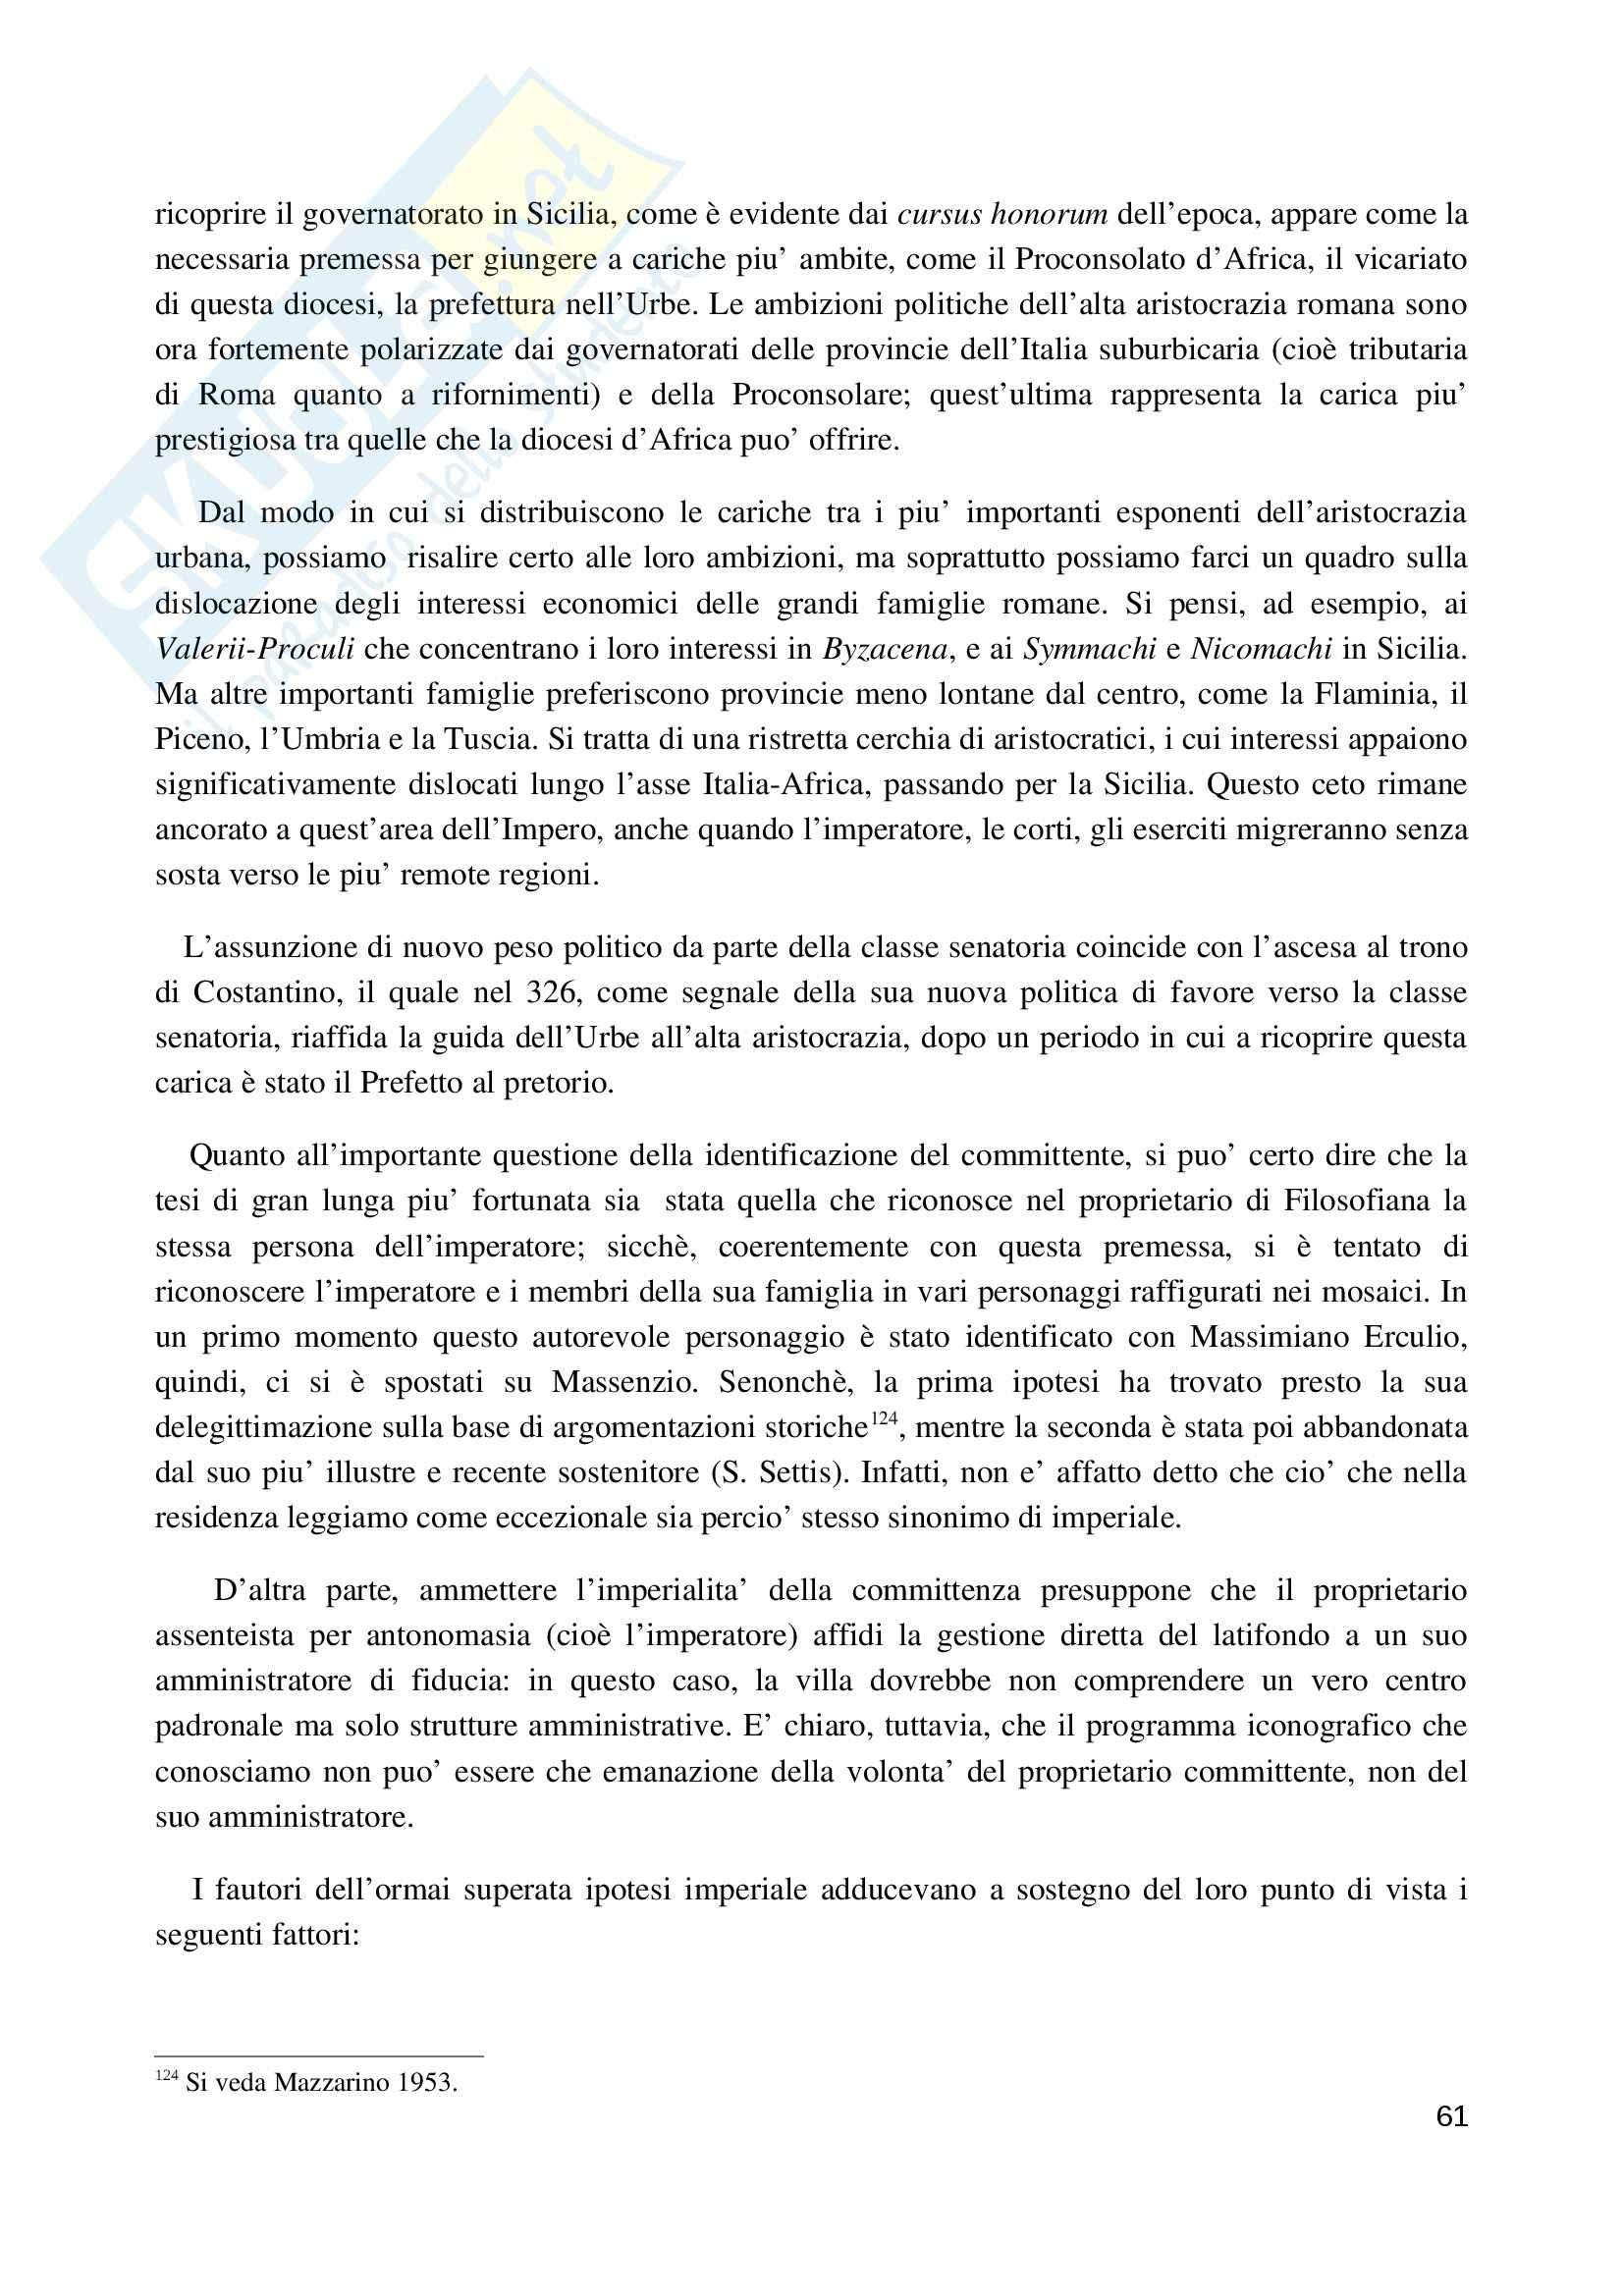 La villa romana di Piazza Armerina 2010, Archeologia e storia dell'arte Pag. 61